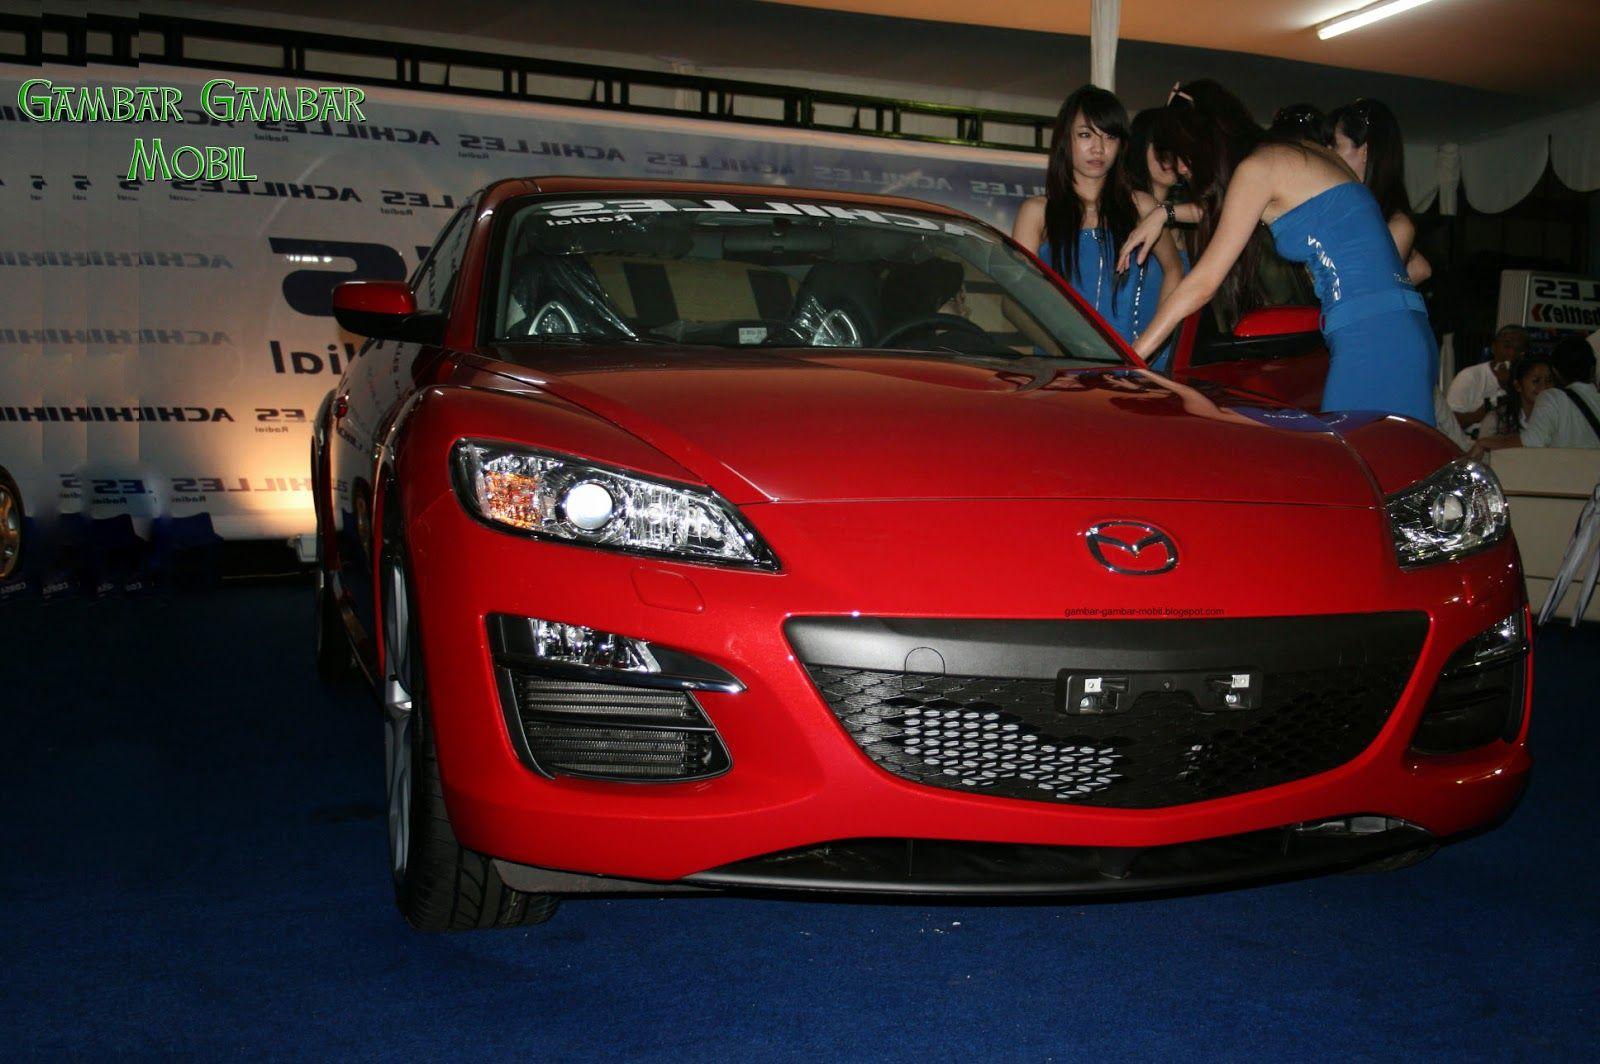 Gambar Mobil Indonesia Gambar Gambar Mobil Mobil Mobil Keren Gambar